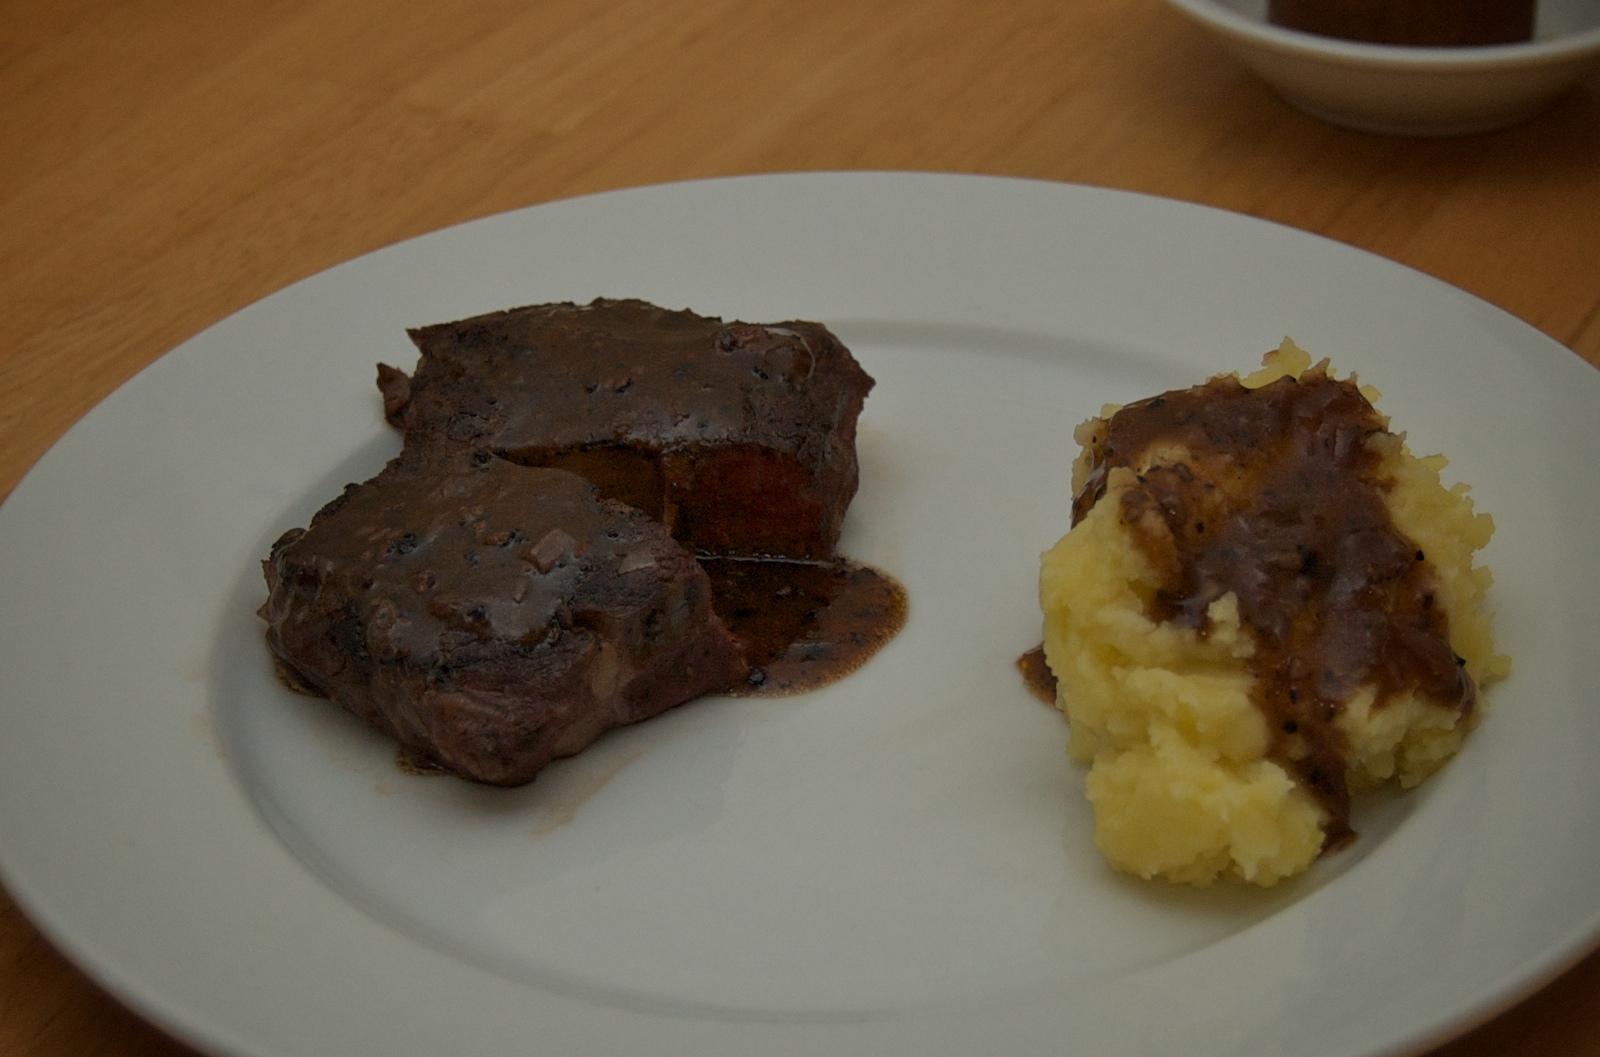 http://blog.rickk.com/food/2009/12/17/DSC_0006.jpg